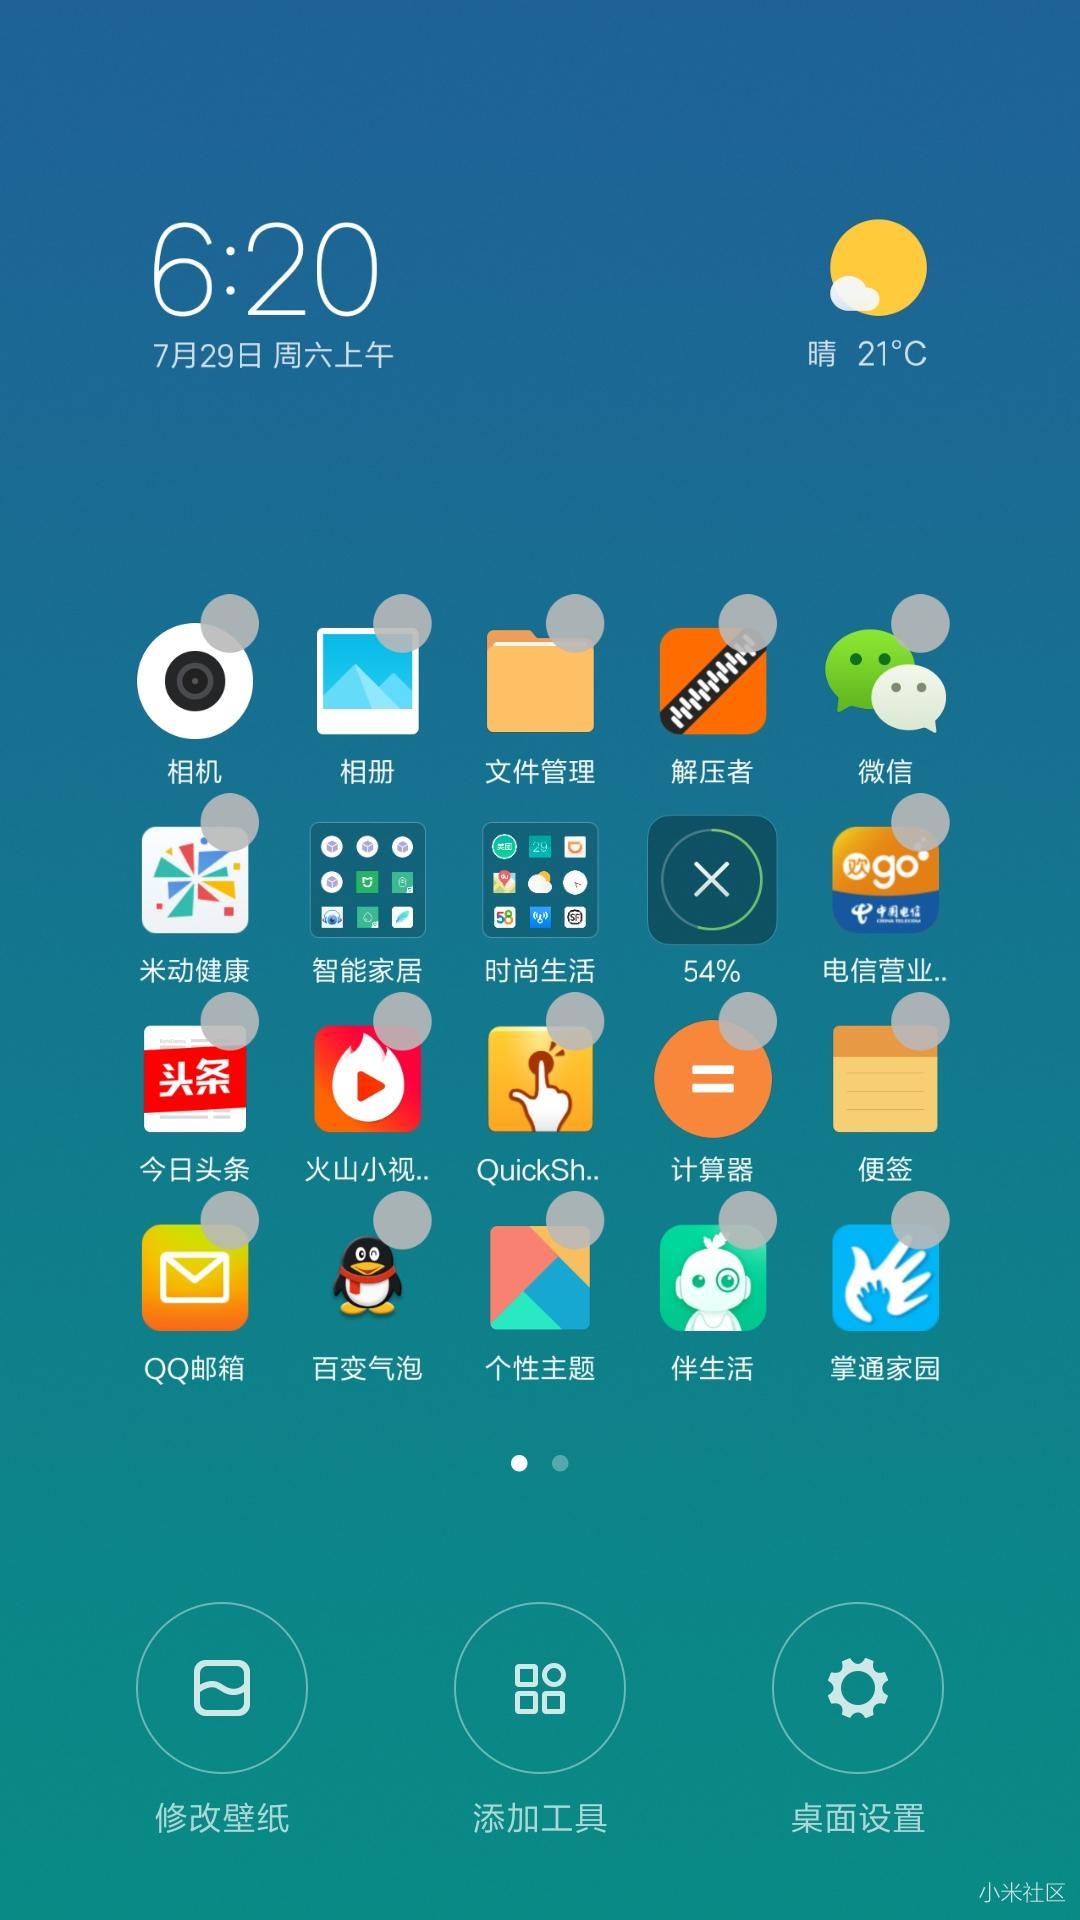 【图片5】MIUI 9 新功能速递,5项大升级需注意